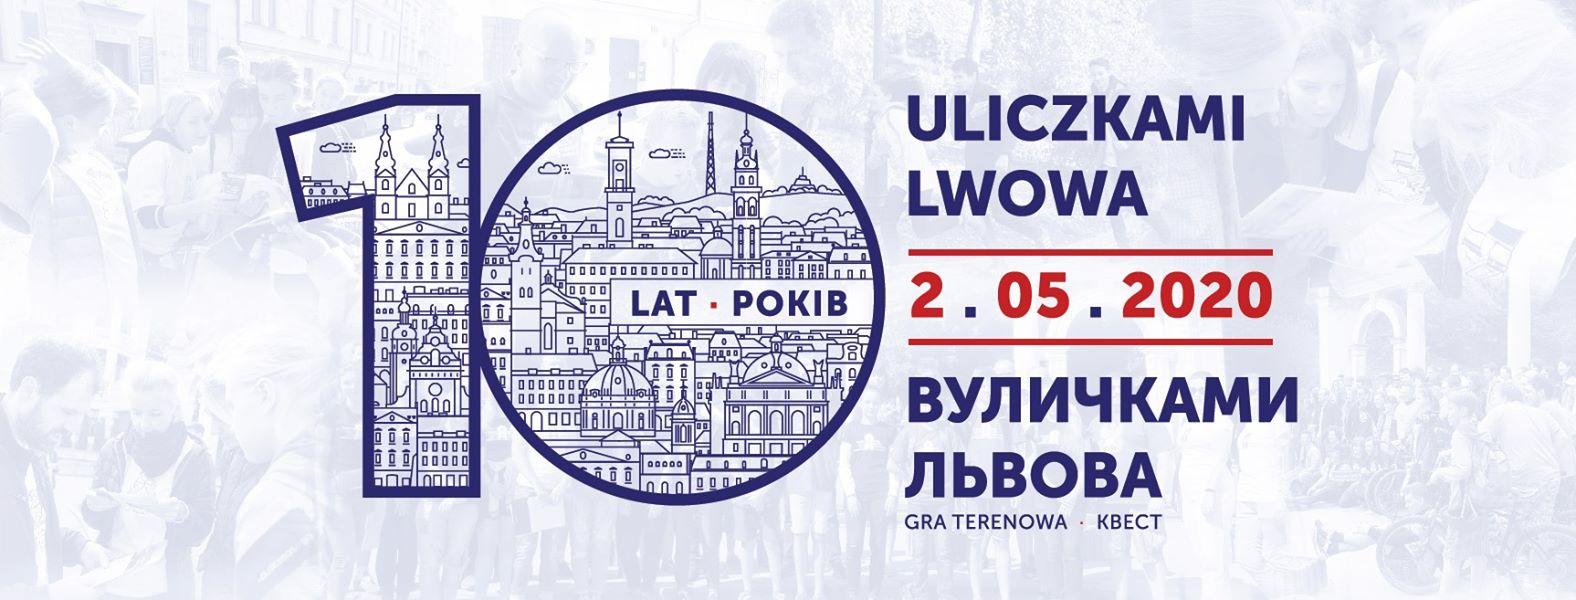 """Gra terenowa """"10 lat Uliczkami Lwowa – wersja wirtualna"""""""